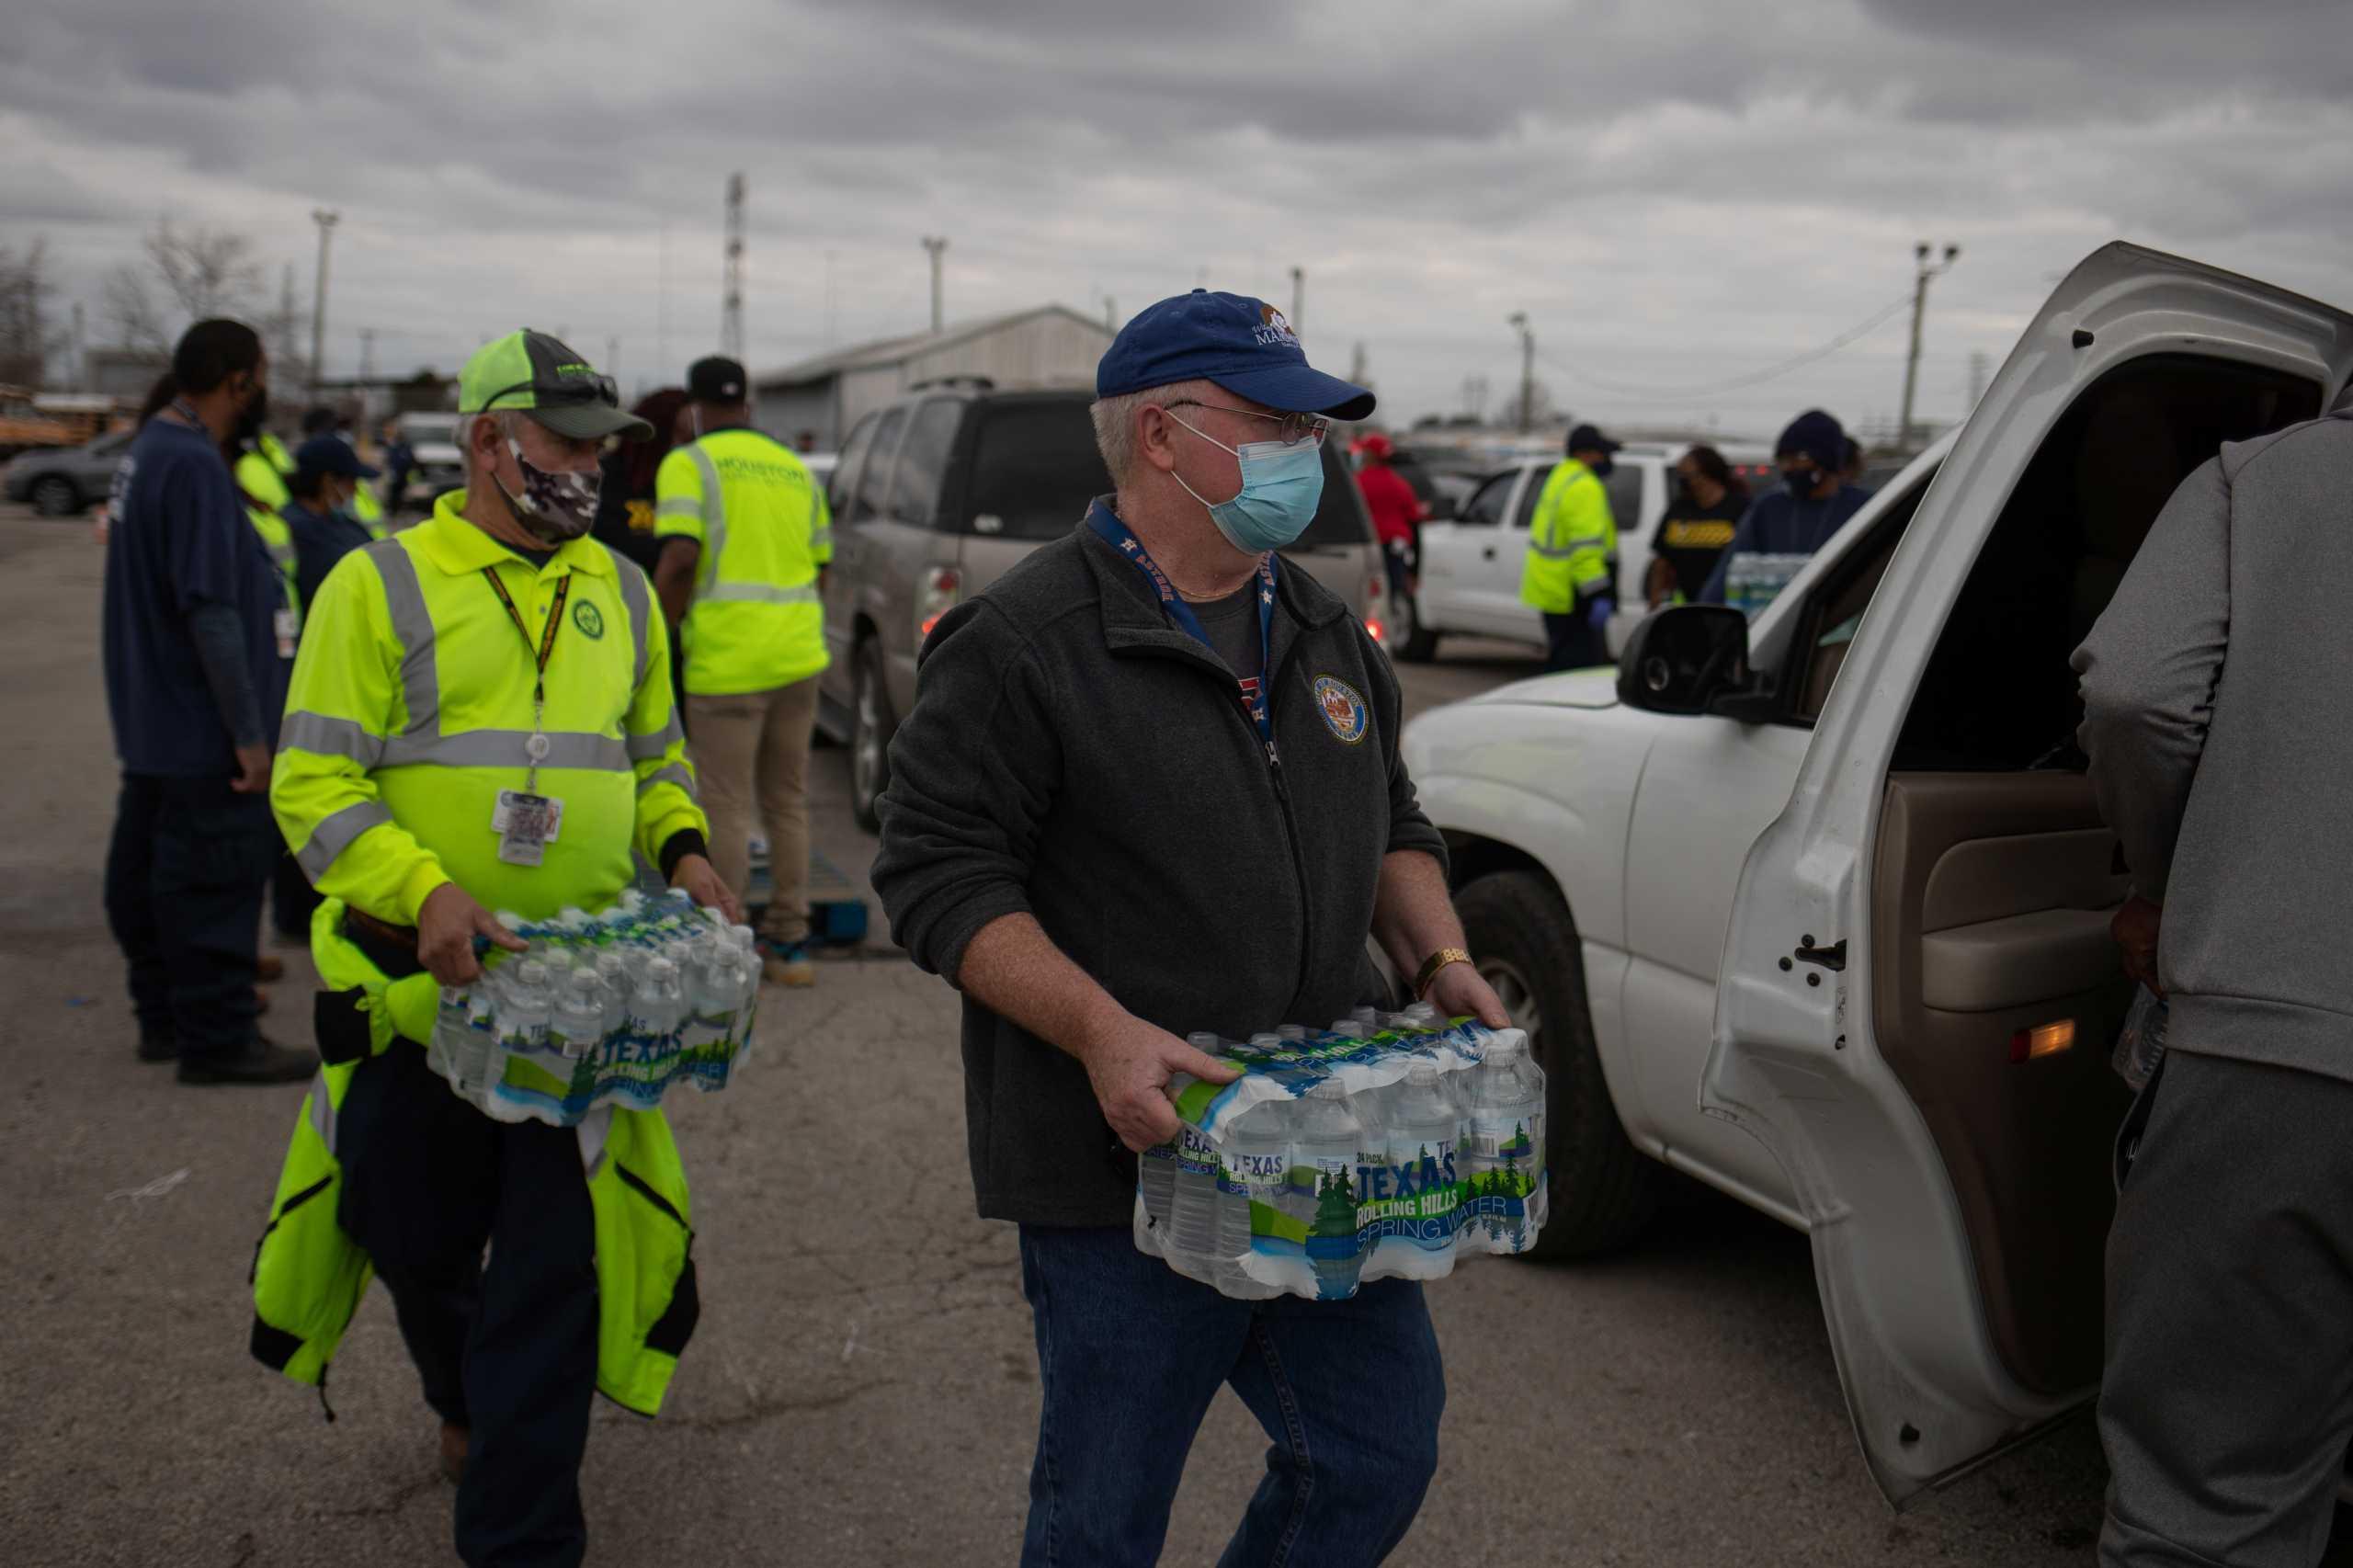 Τέξας: Χωρίς νερό και με αστρονομικά ποσά στους λογαριασμούς ρεύματος μετά το κύμα ψύχους